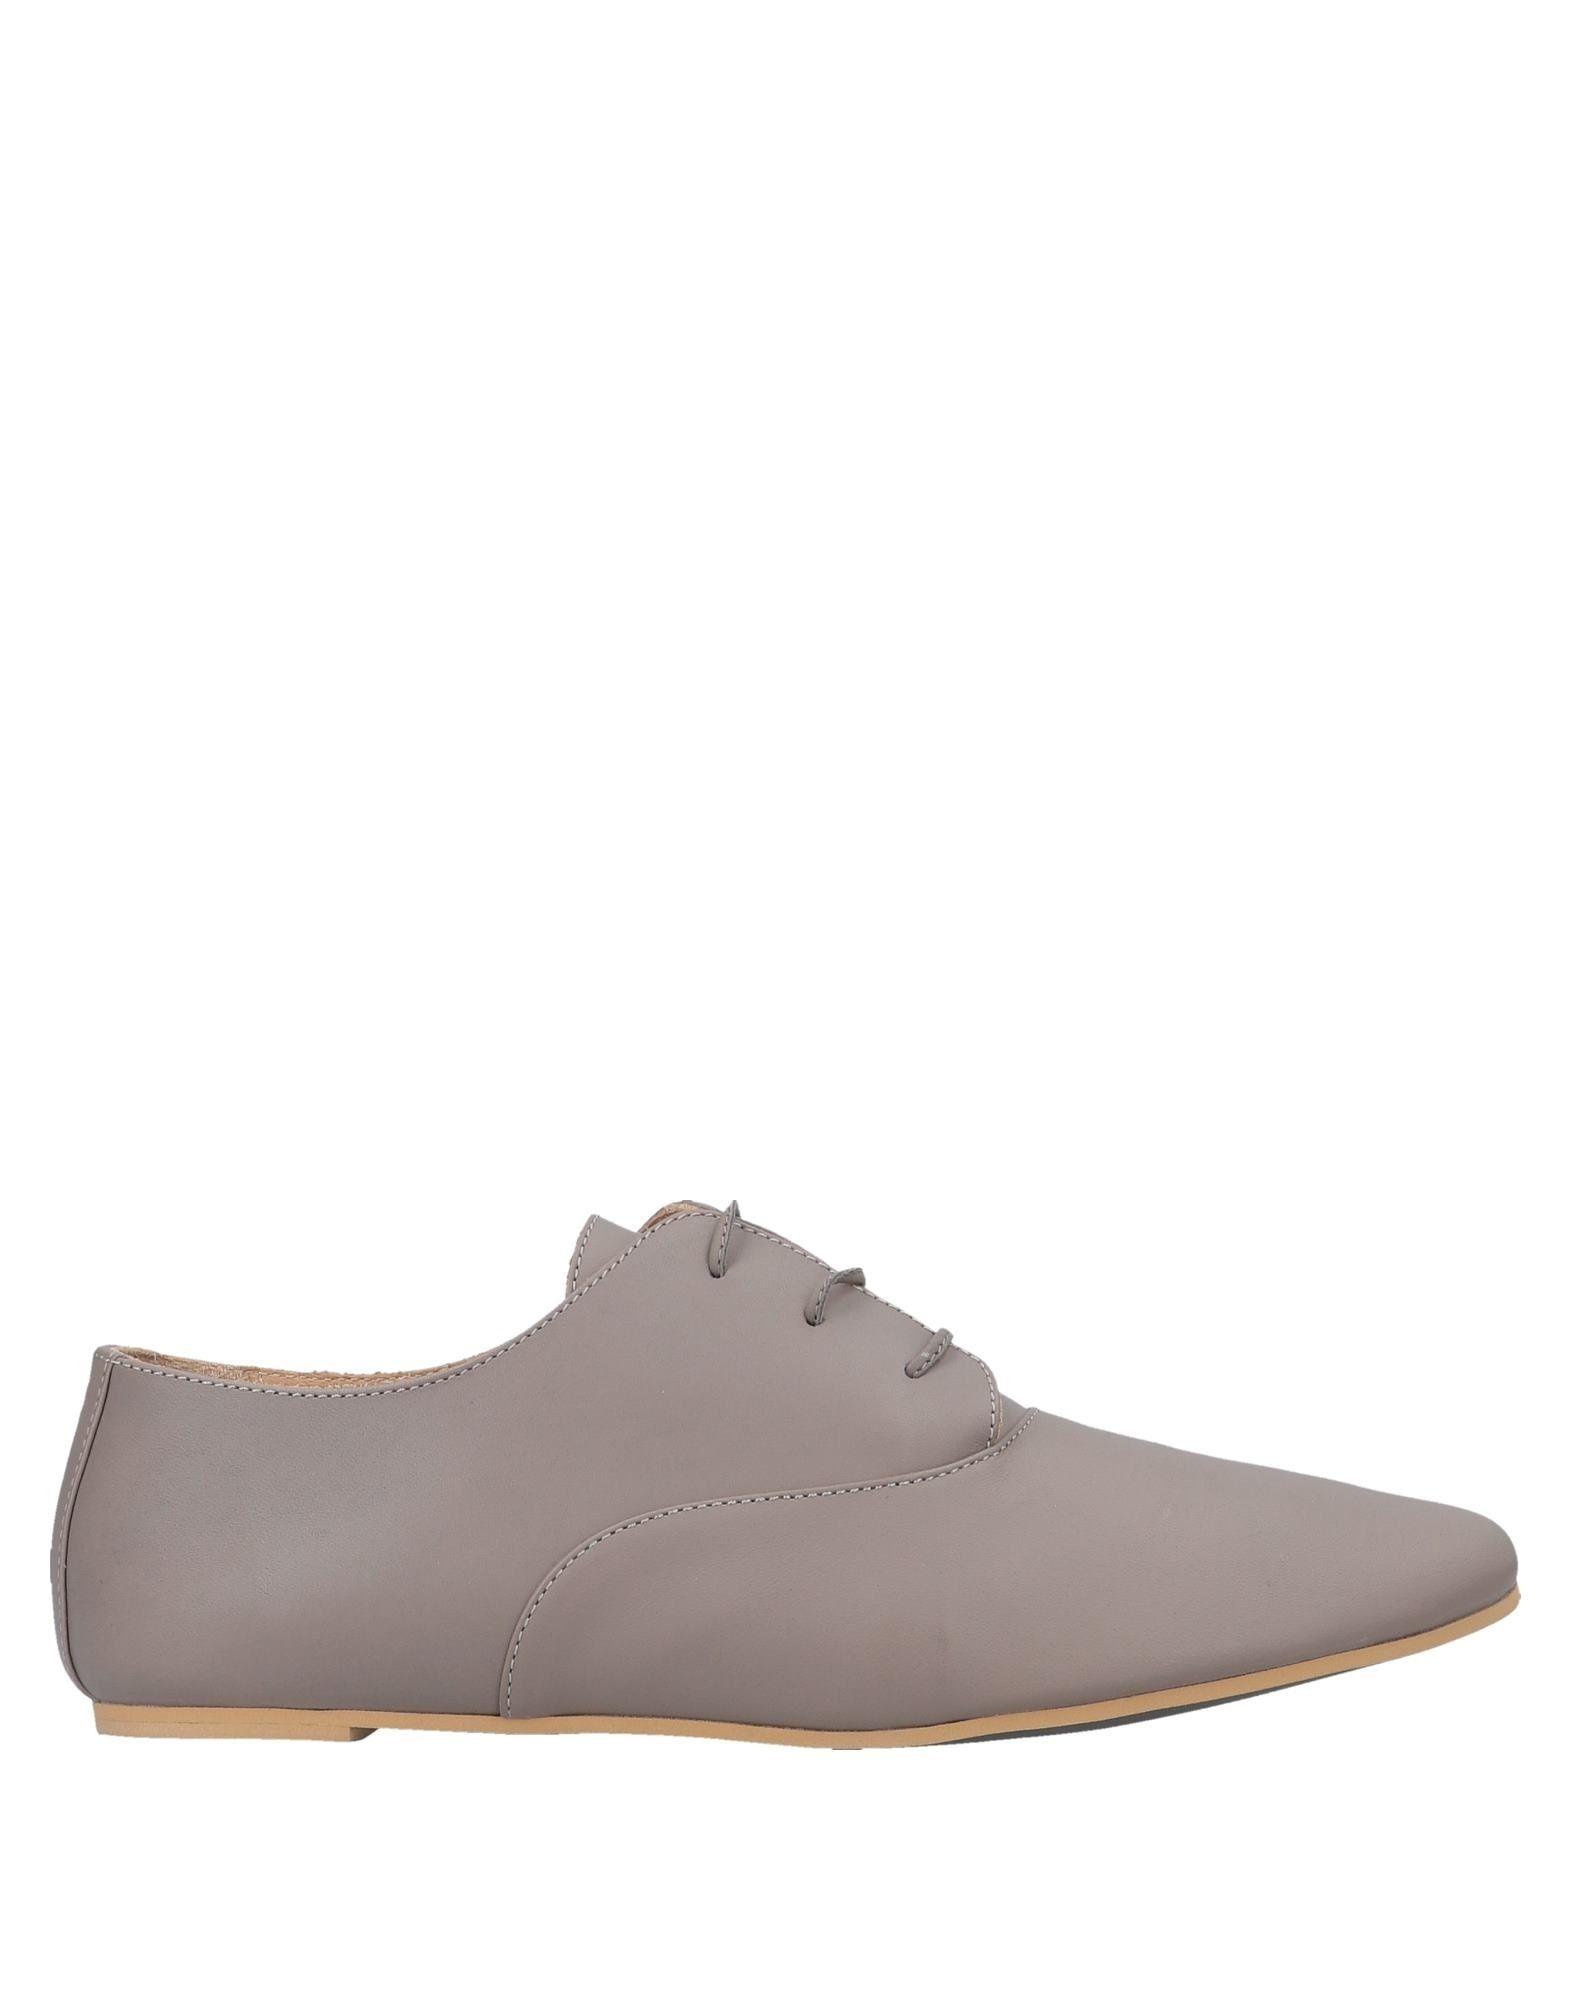 MM6 MAISON MARGIELA Обувь на шнурках цены онлайн